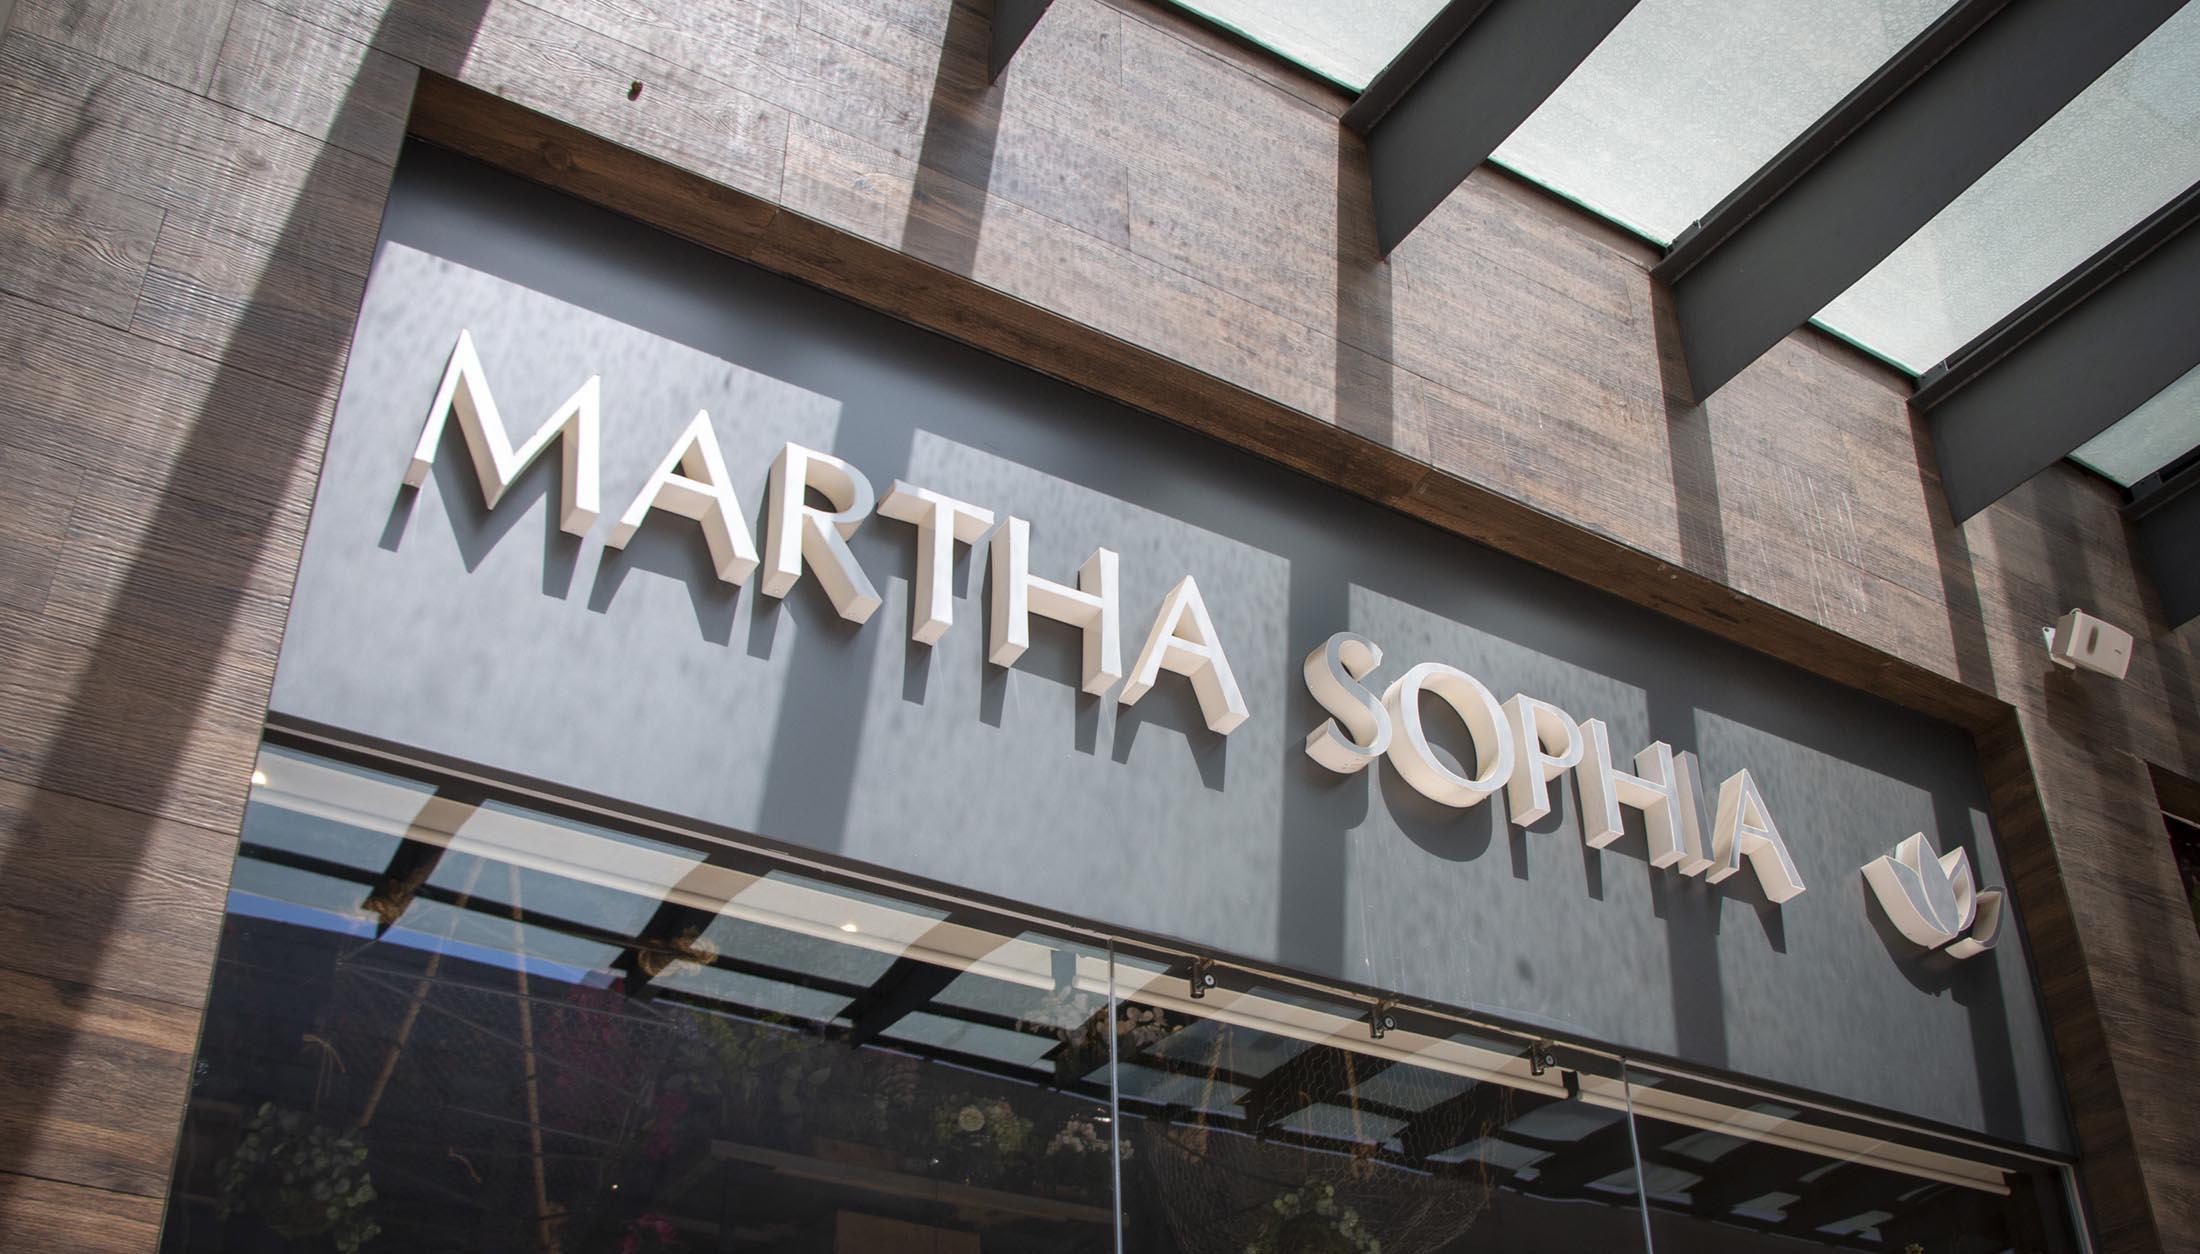 Galería 4 De Martha Sophia